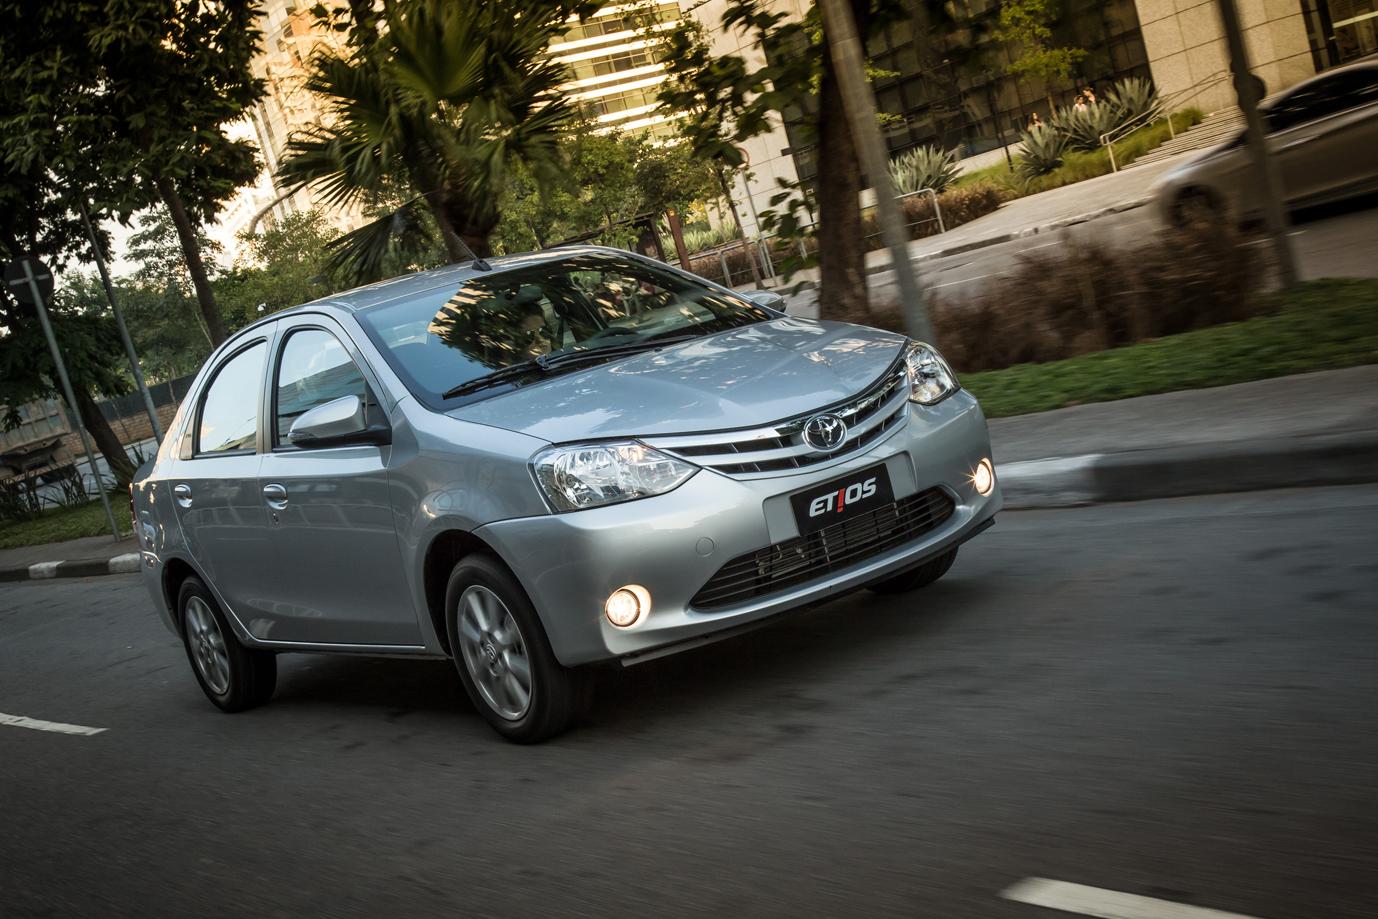 Toyota Etios 2017: Preço e Financiamento